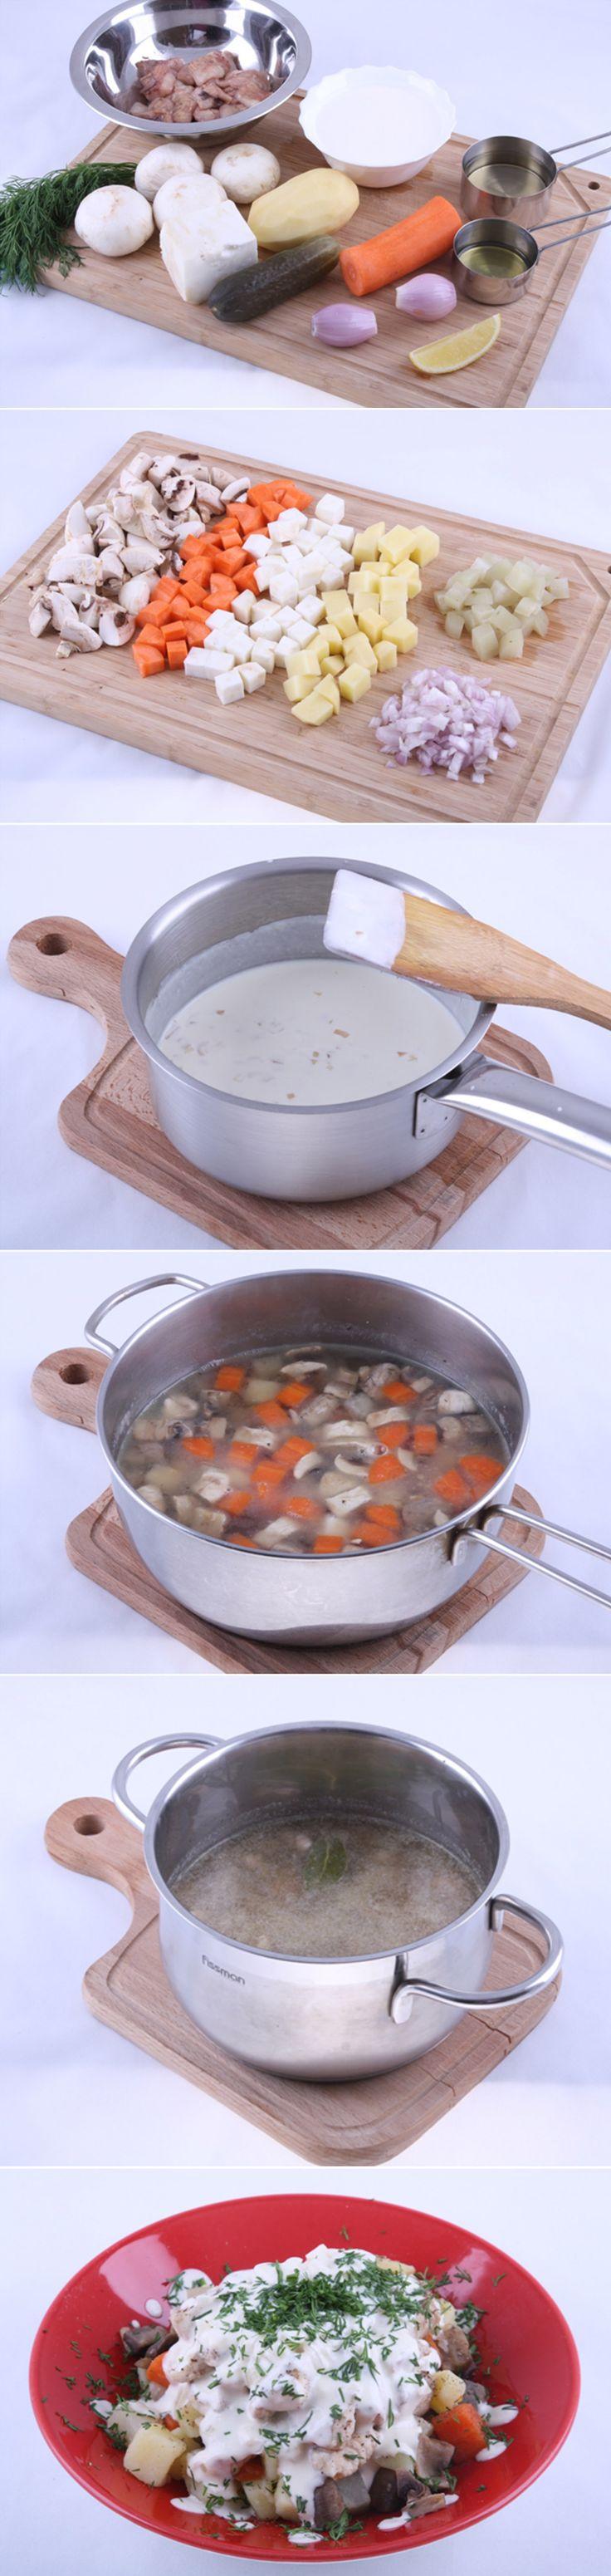 Филе судака «По-русски» с гарниром из овощей, которые сохранили свои полезные свойства посредством приготовления на пару - очень вкусный, полезный, сытный и одновременно диетический обед. Рекомендуем приготовить такое сочное блюдо! Рецепт...http://vk.com/dinnerday; http://instagram.com/dinnerday #рыба #кулинария #судак #овощи #диета #еда #грибы #соус #рецепт #dinnerday #food #cook #recipe #fish #cookery #zander #mushrooms #sauce #vegetables #diet